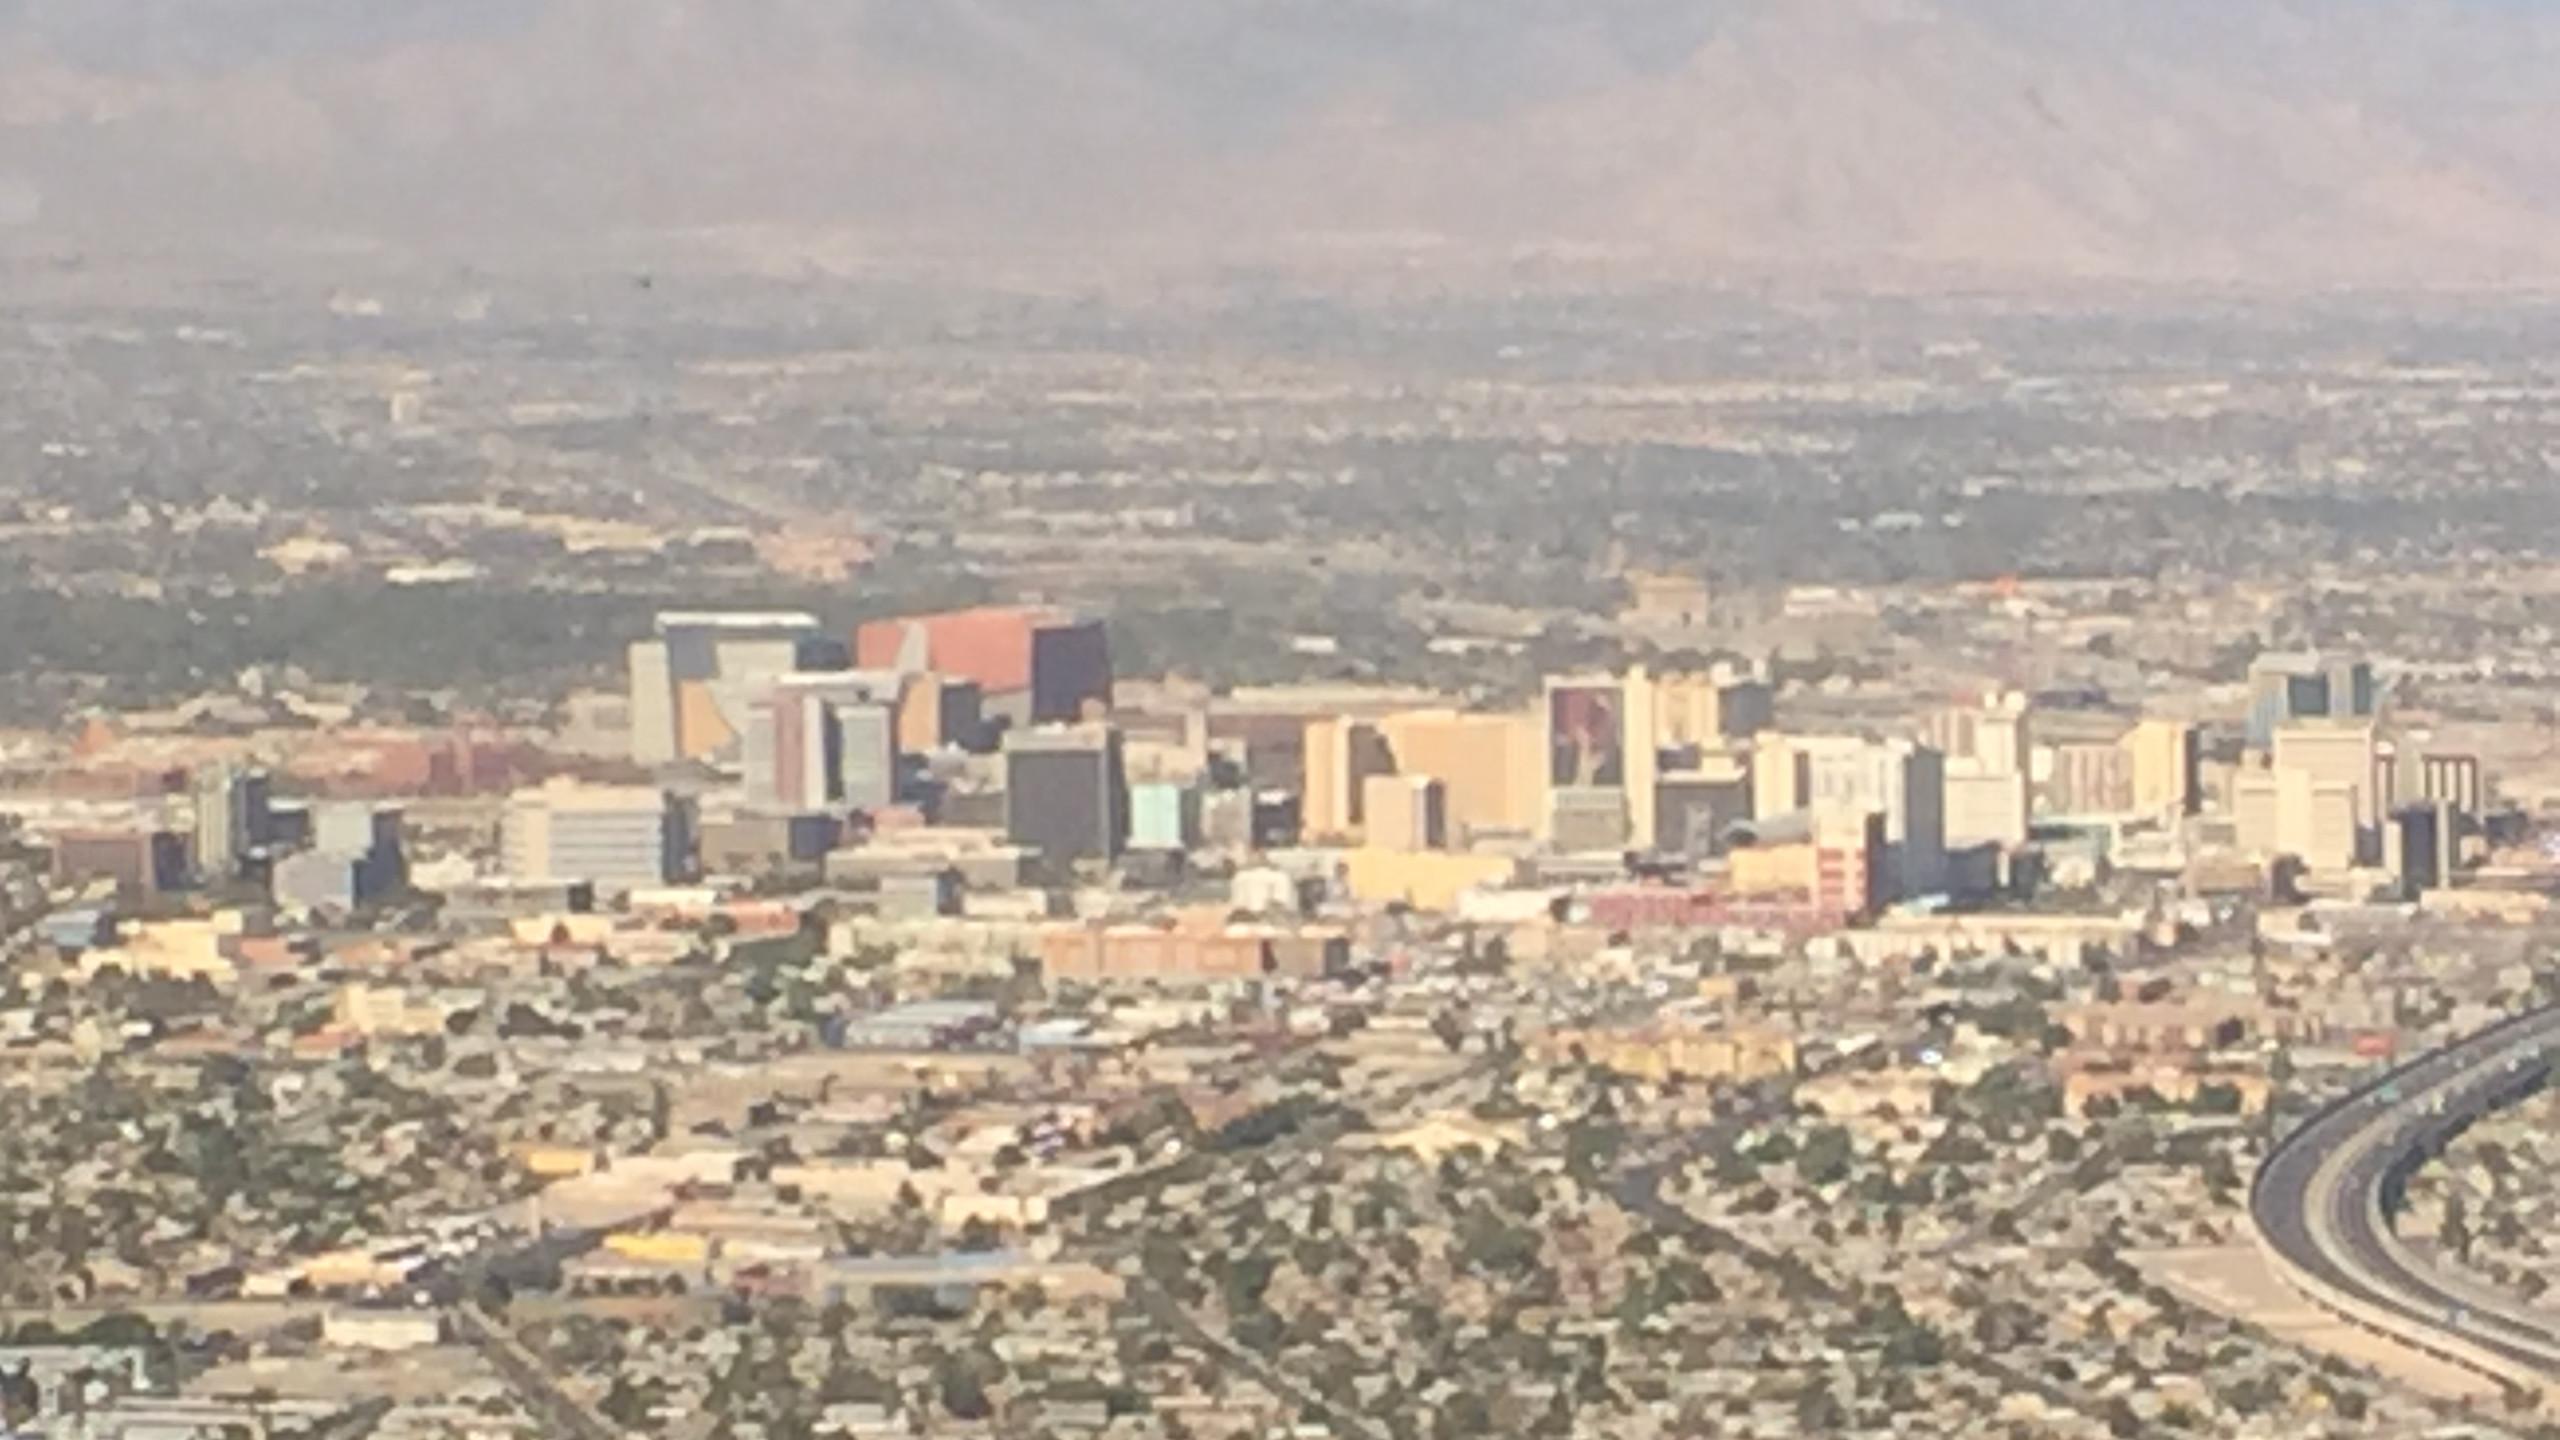 The Las Vegas strip!